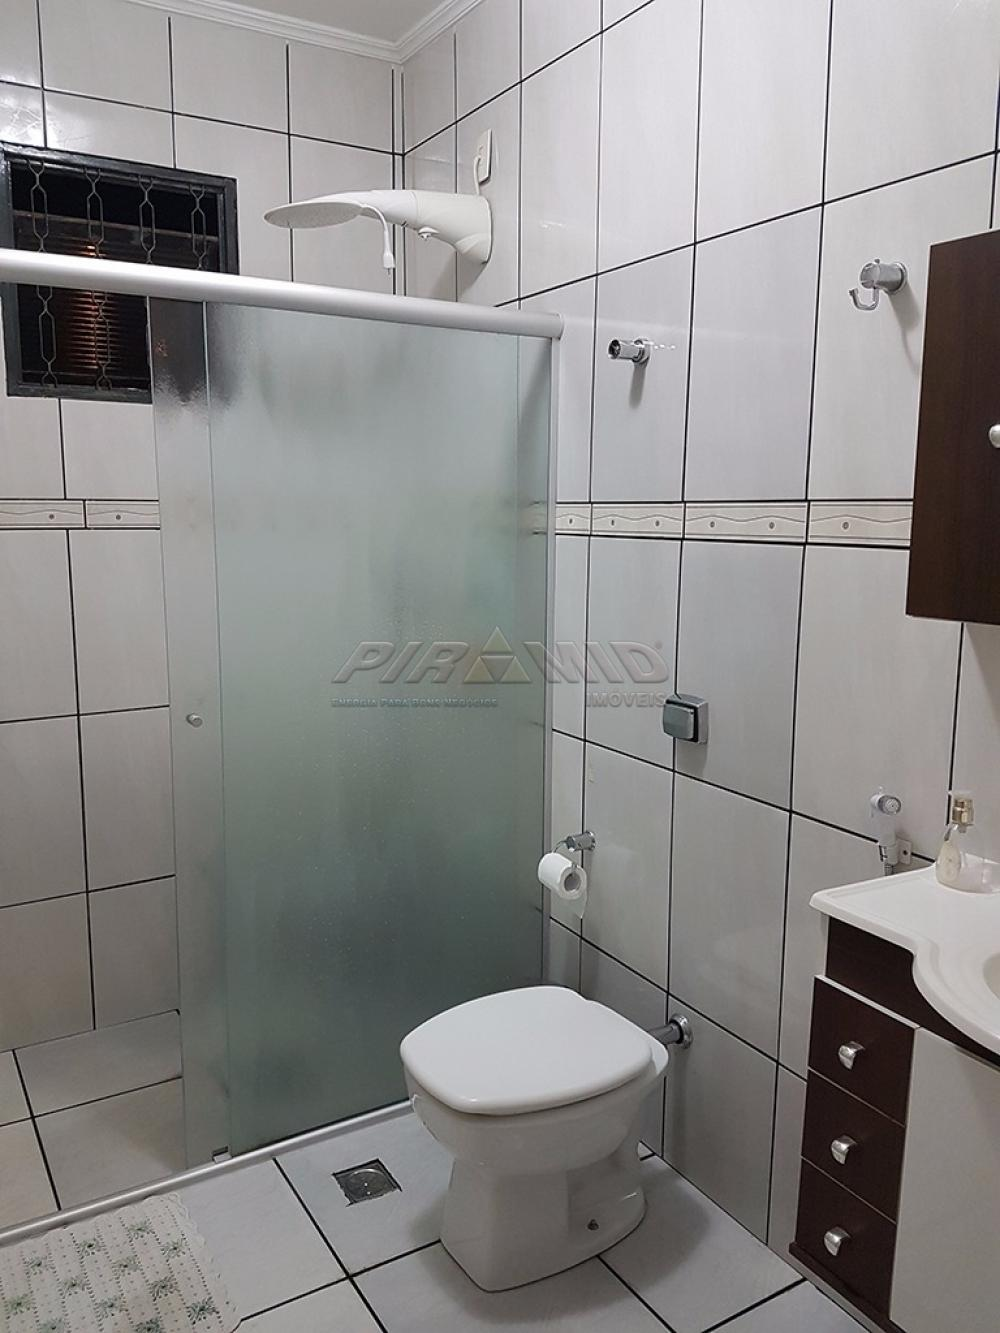 Comprar Casa / Padrão em Ribeirão Preto apenas R$ 350.000,00 - Foto 14